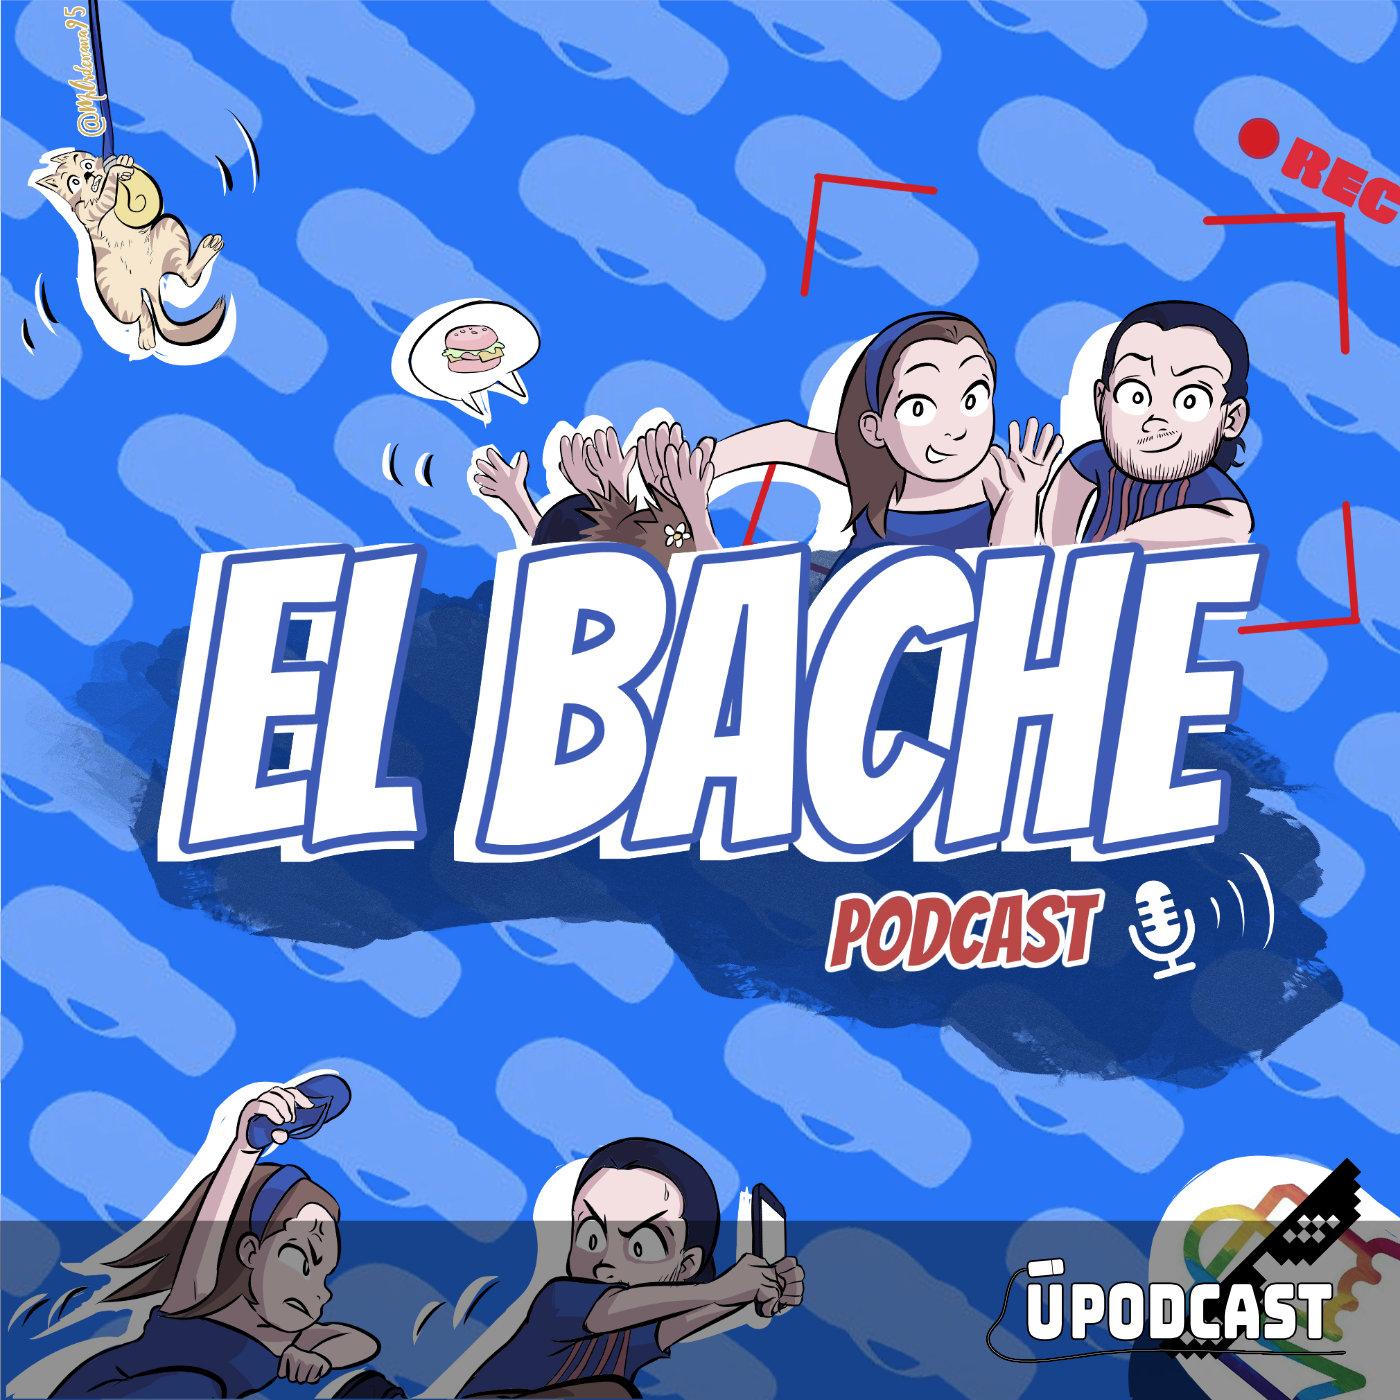 El Bache